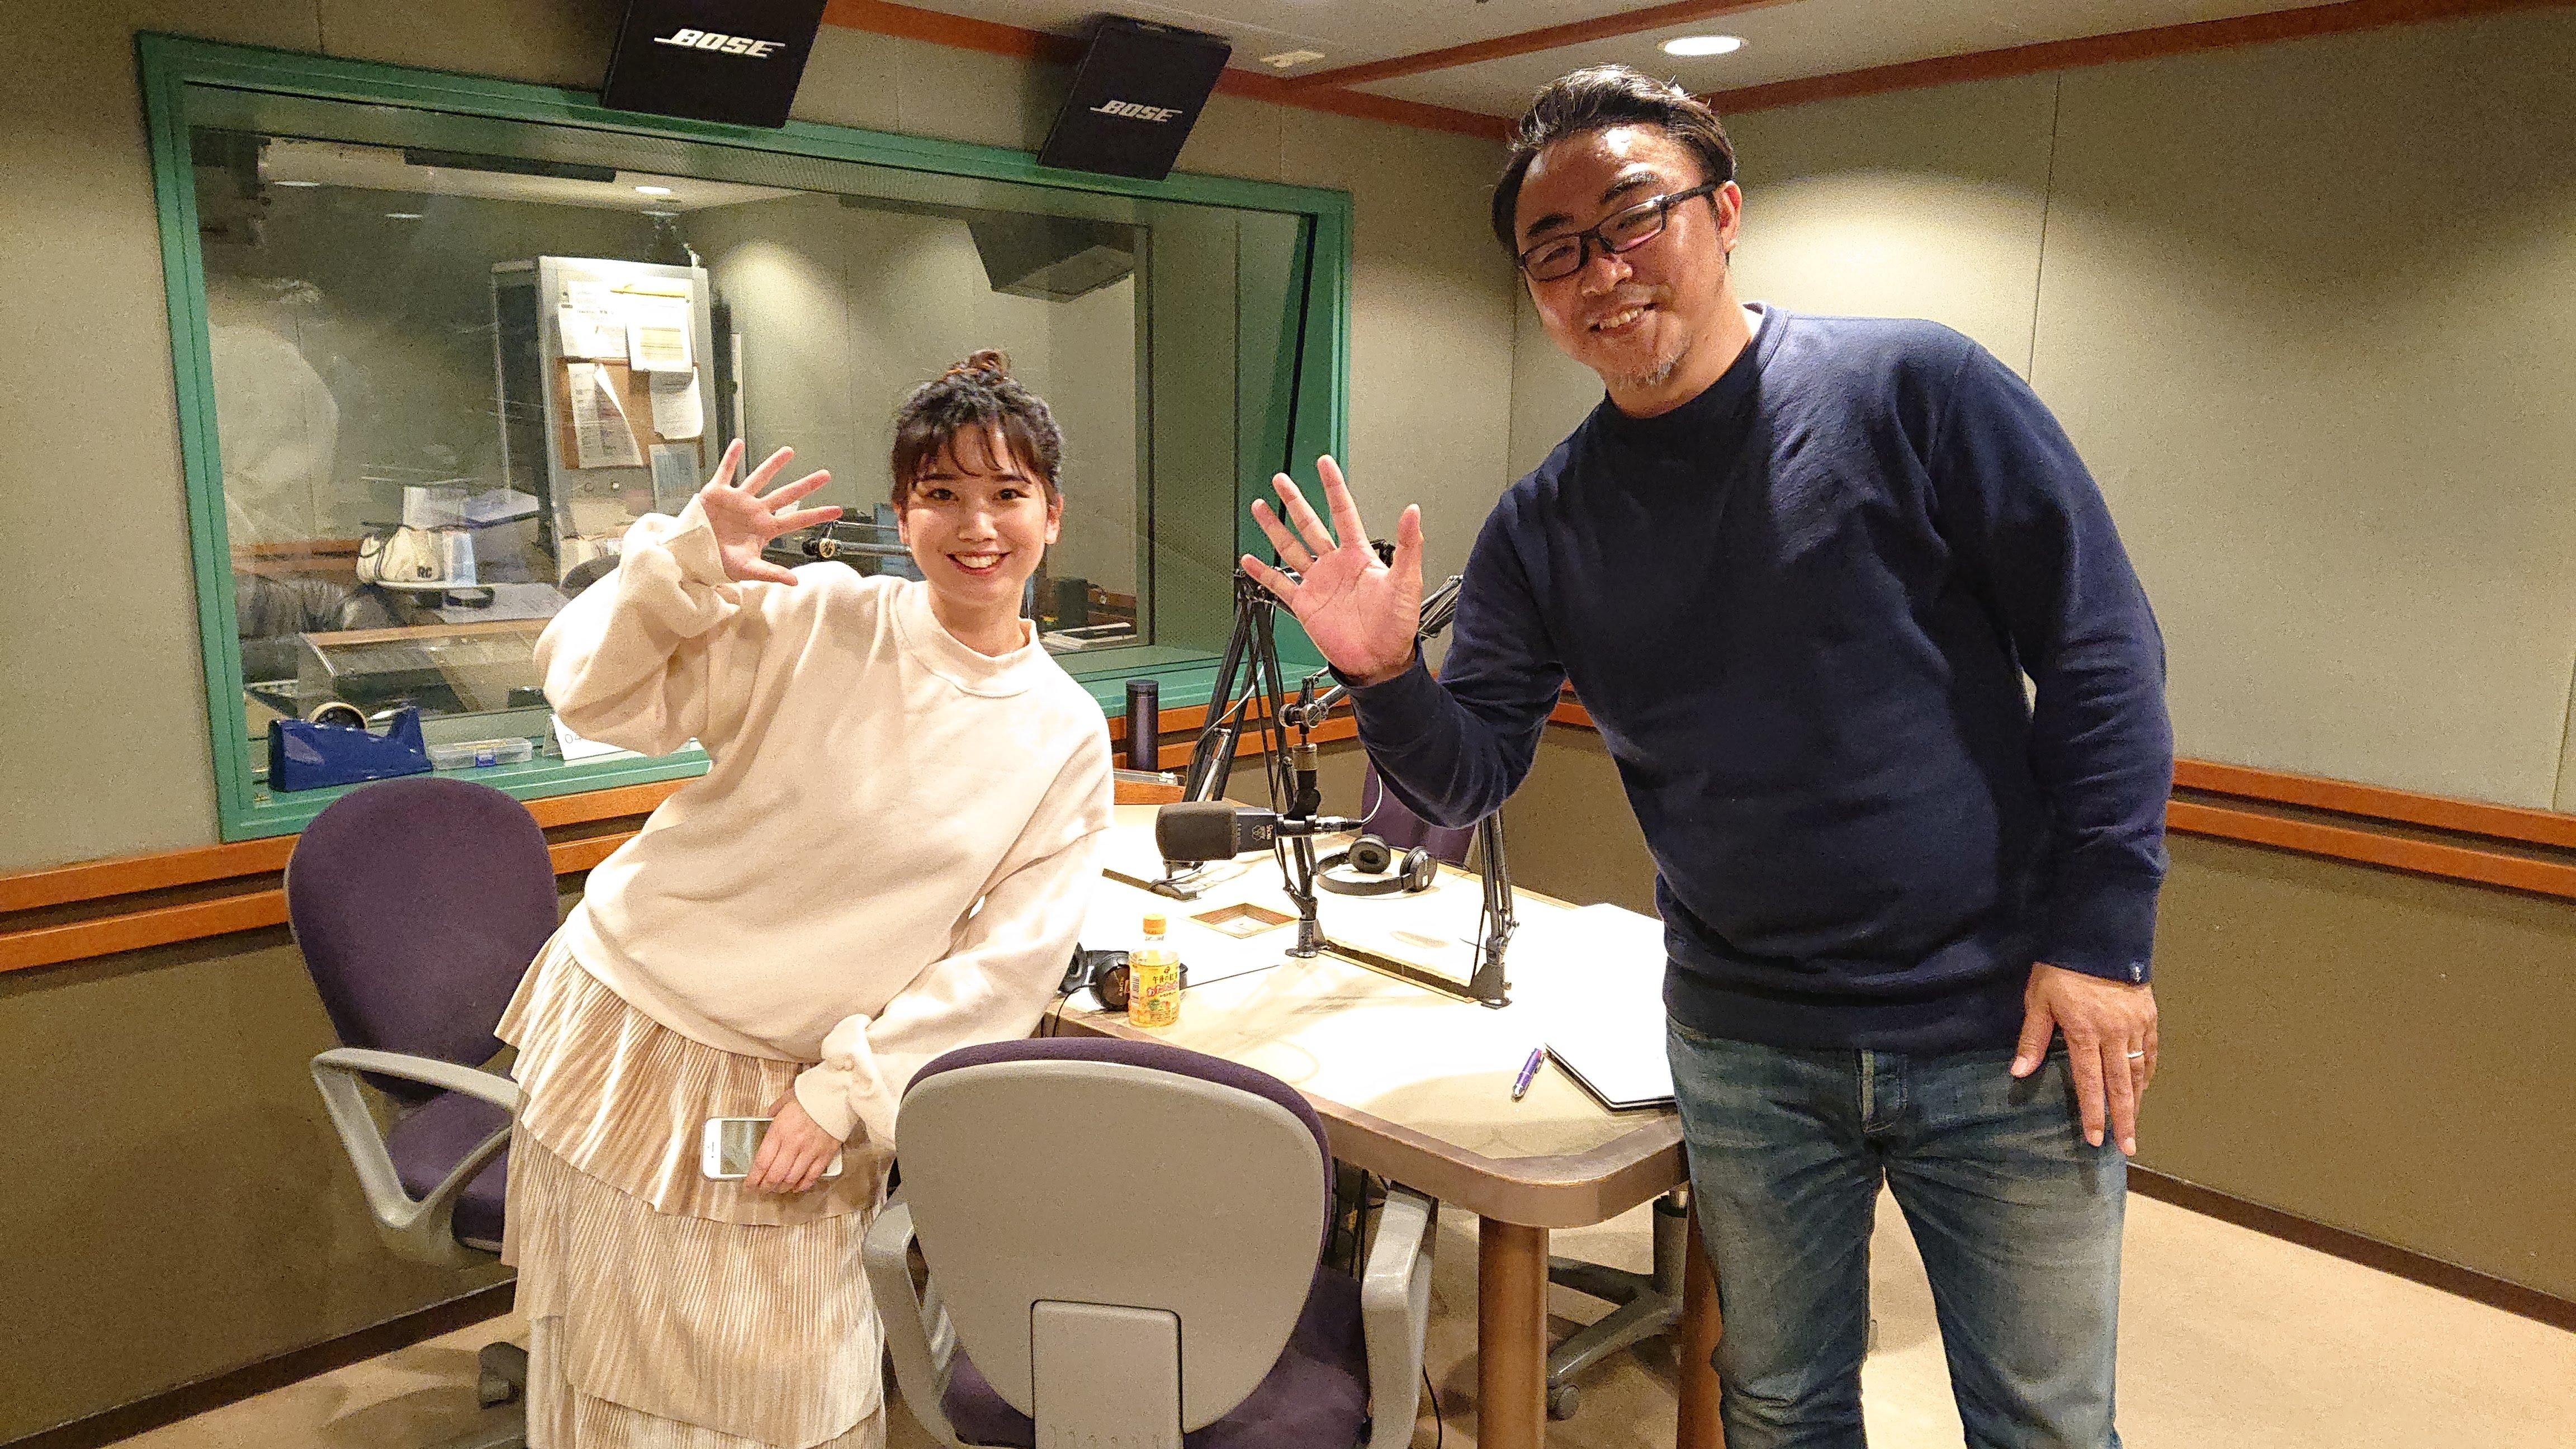 ラジオ番組『恋するスマホ』が最終回!新番組『恋するスポーツ』発表!沼田大輔、おっきーのからみは聞き納め!?